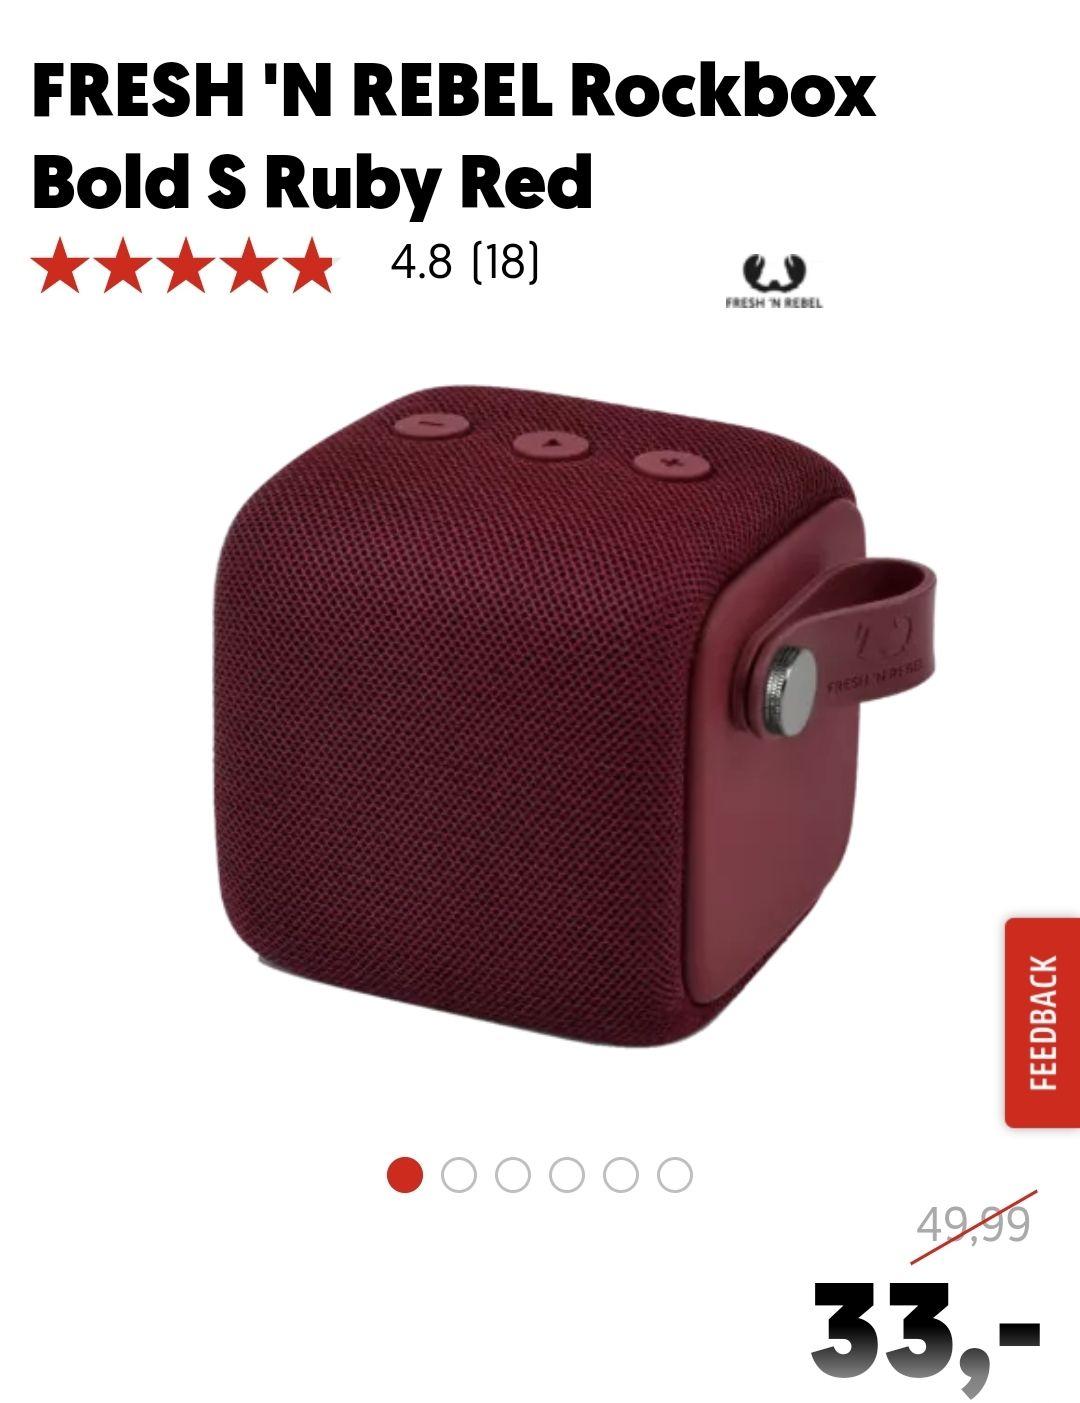 FRESH 'N REBEL Rockbox Bold S Ruby Red